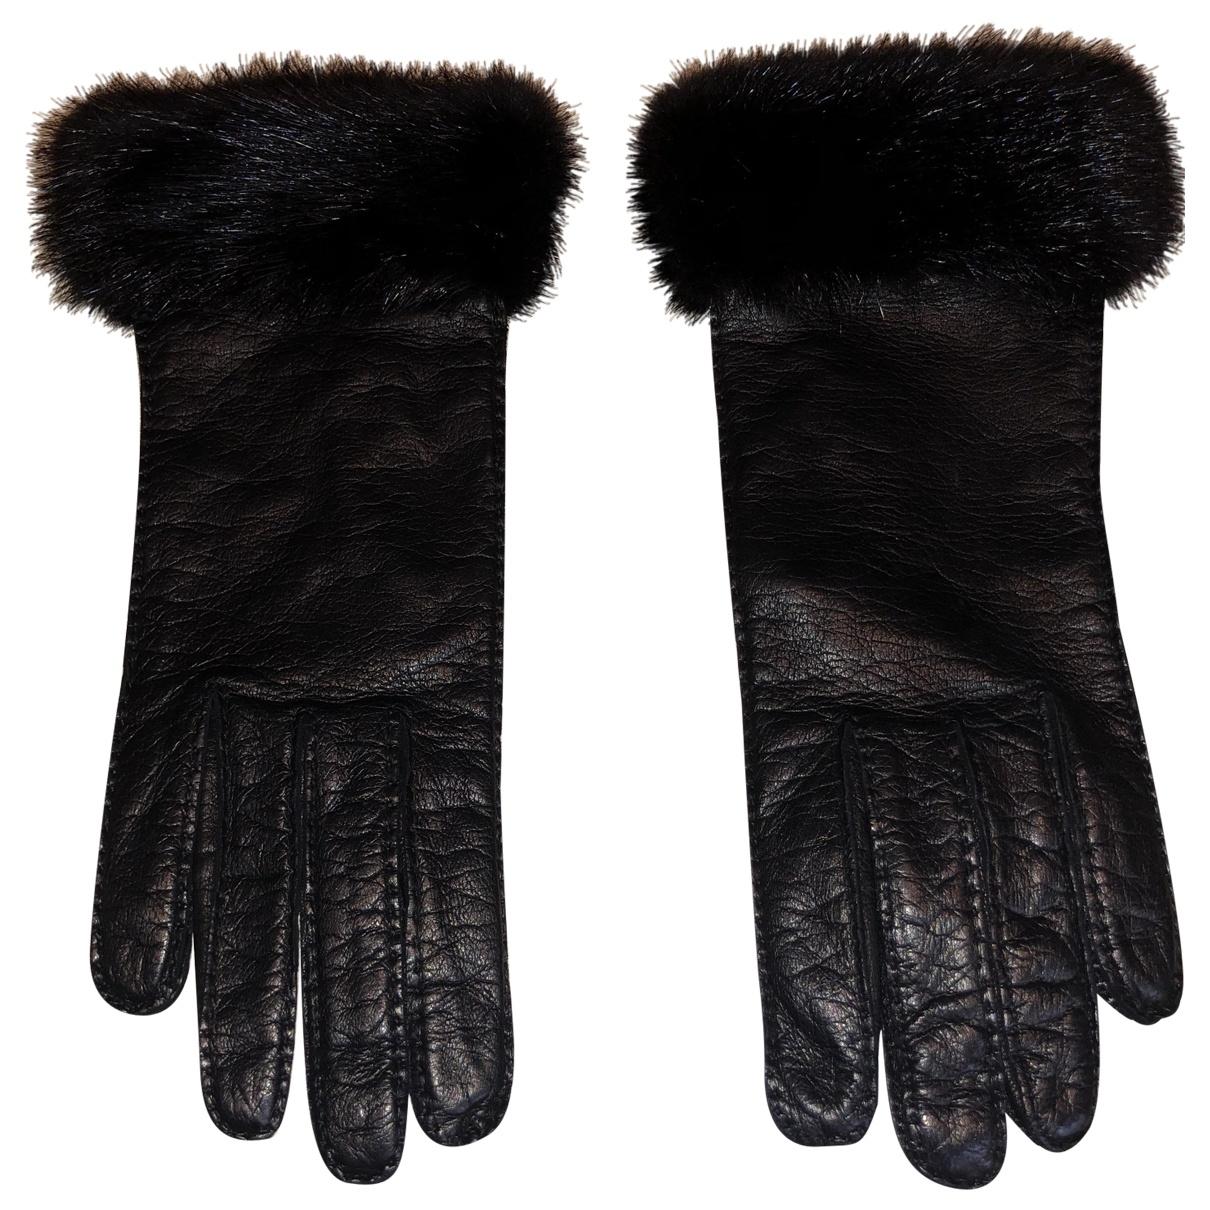 Prada \N Black Leather Gloves for Women S International